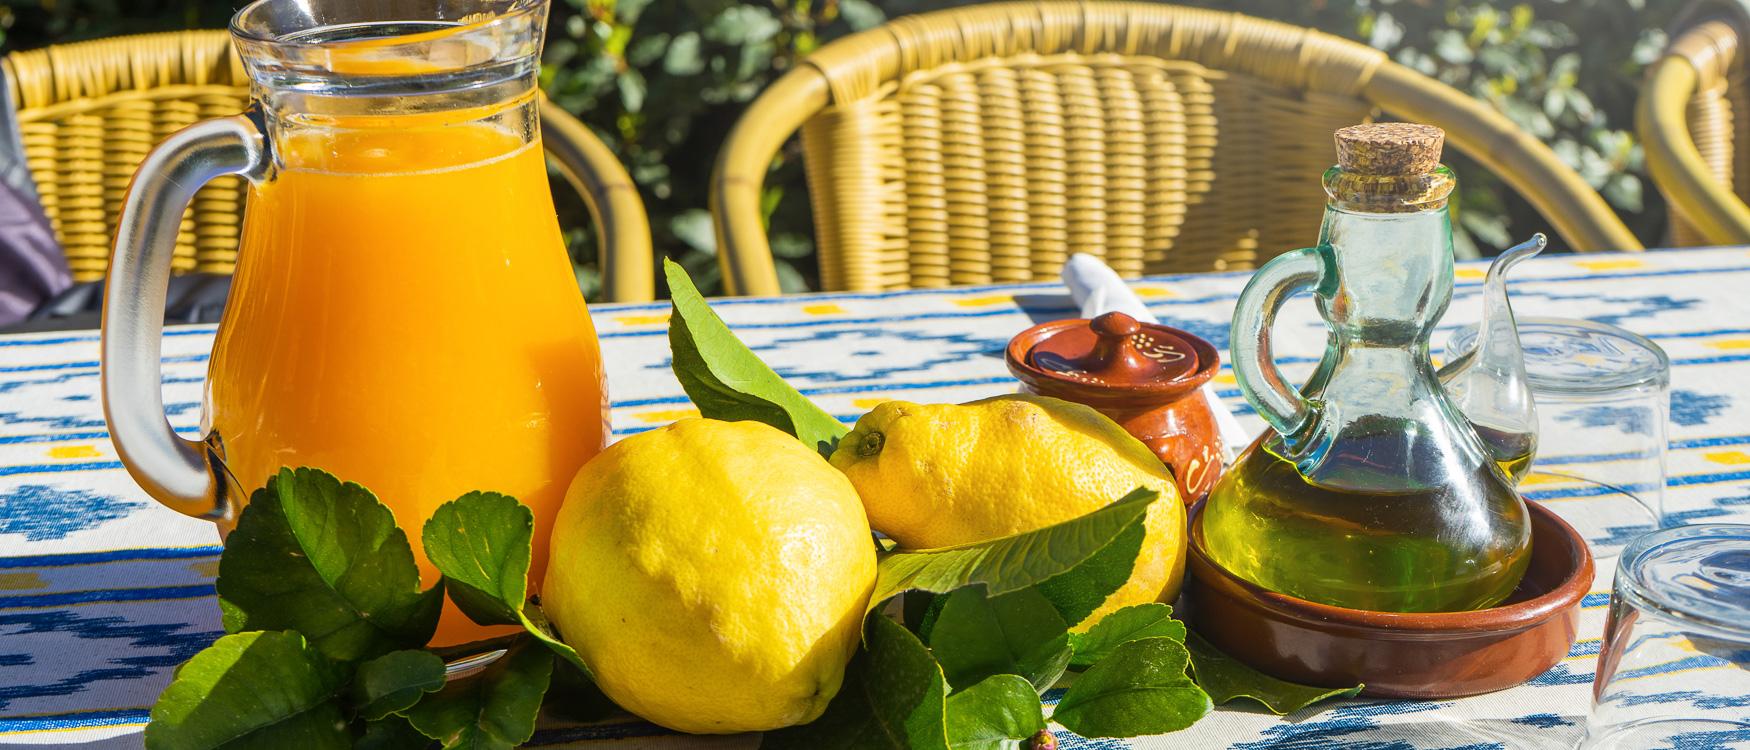 palma-sehenswuerdigkeiten-zitrusfruchte